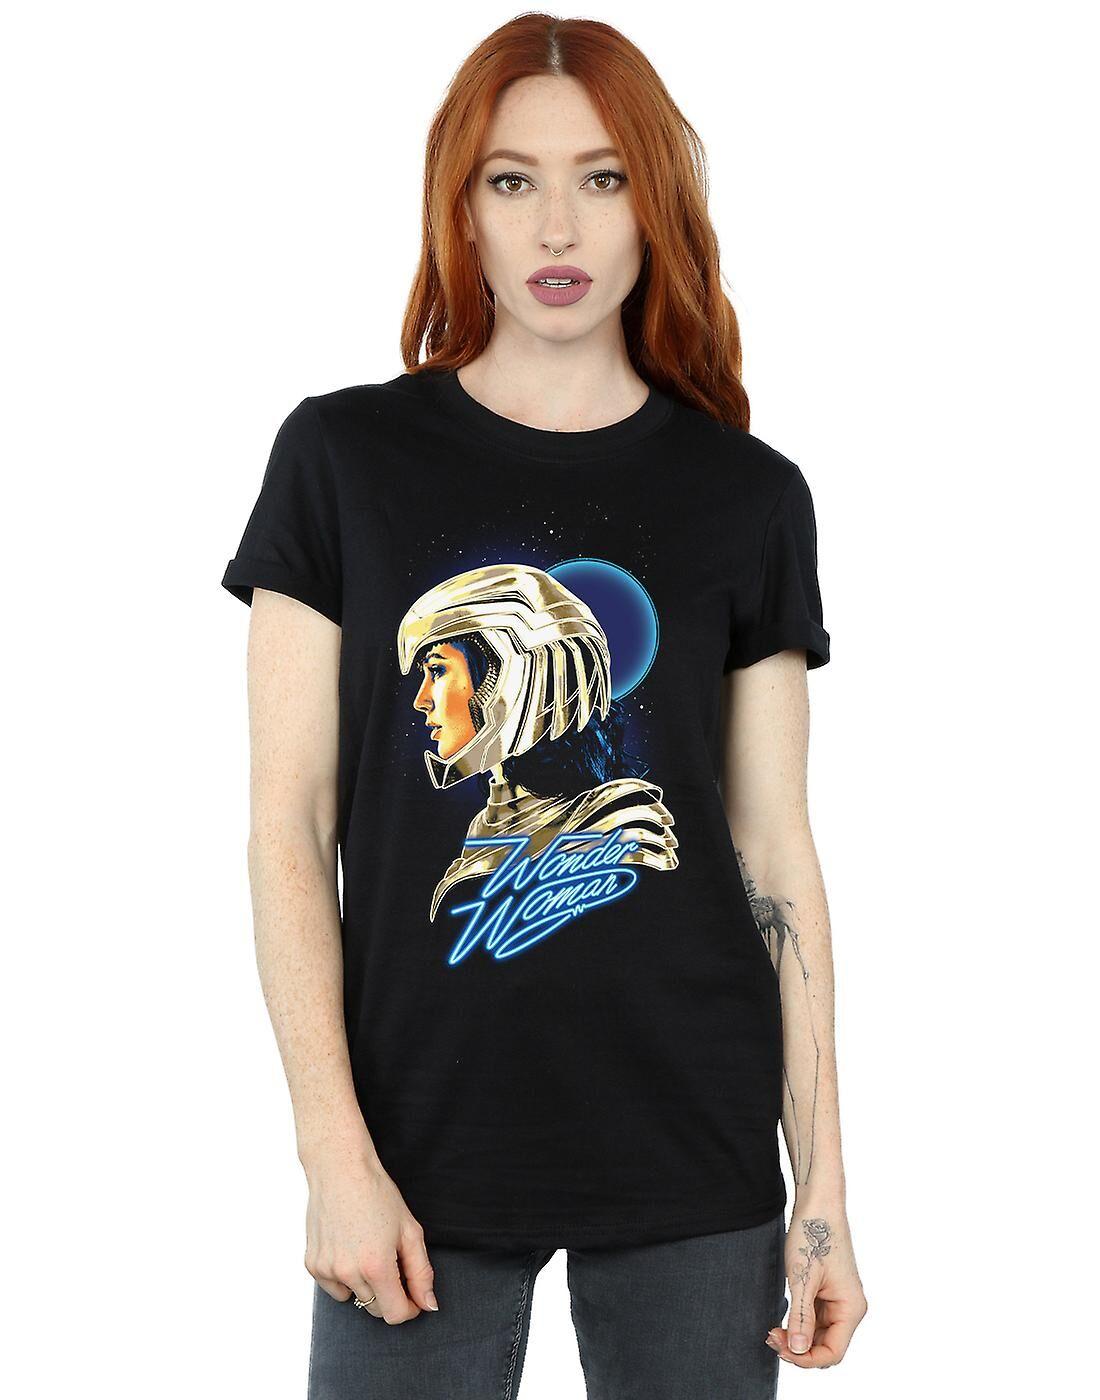 Absolute Cult DC Comics Femmes-apos;s Wonder Woman 84 Rétro Gold Helmet Boyfriend Fit T-Shirt Blanc XXX-Large